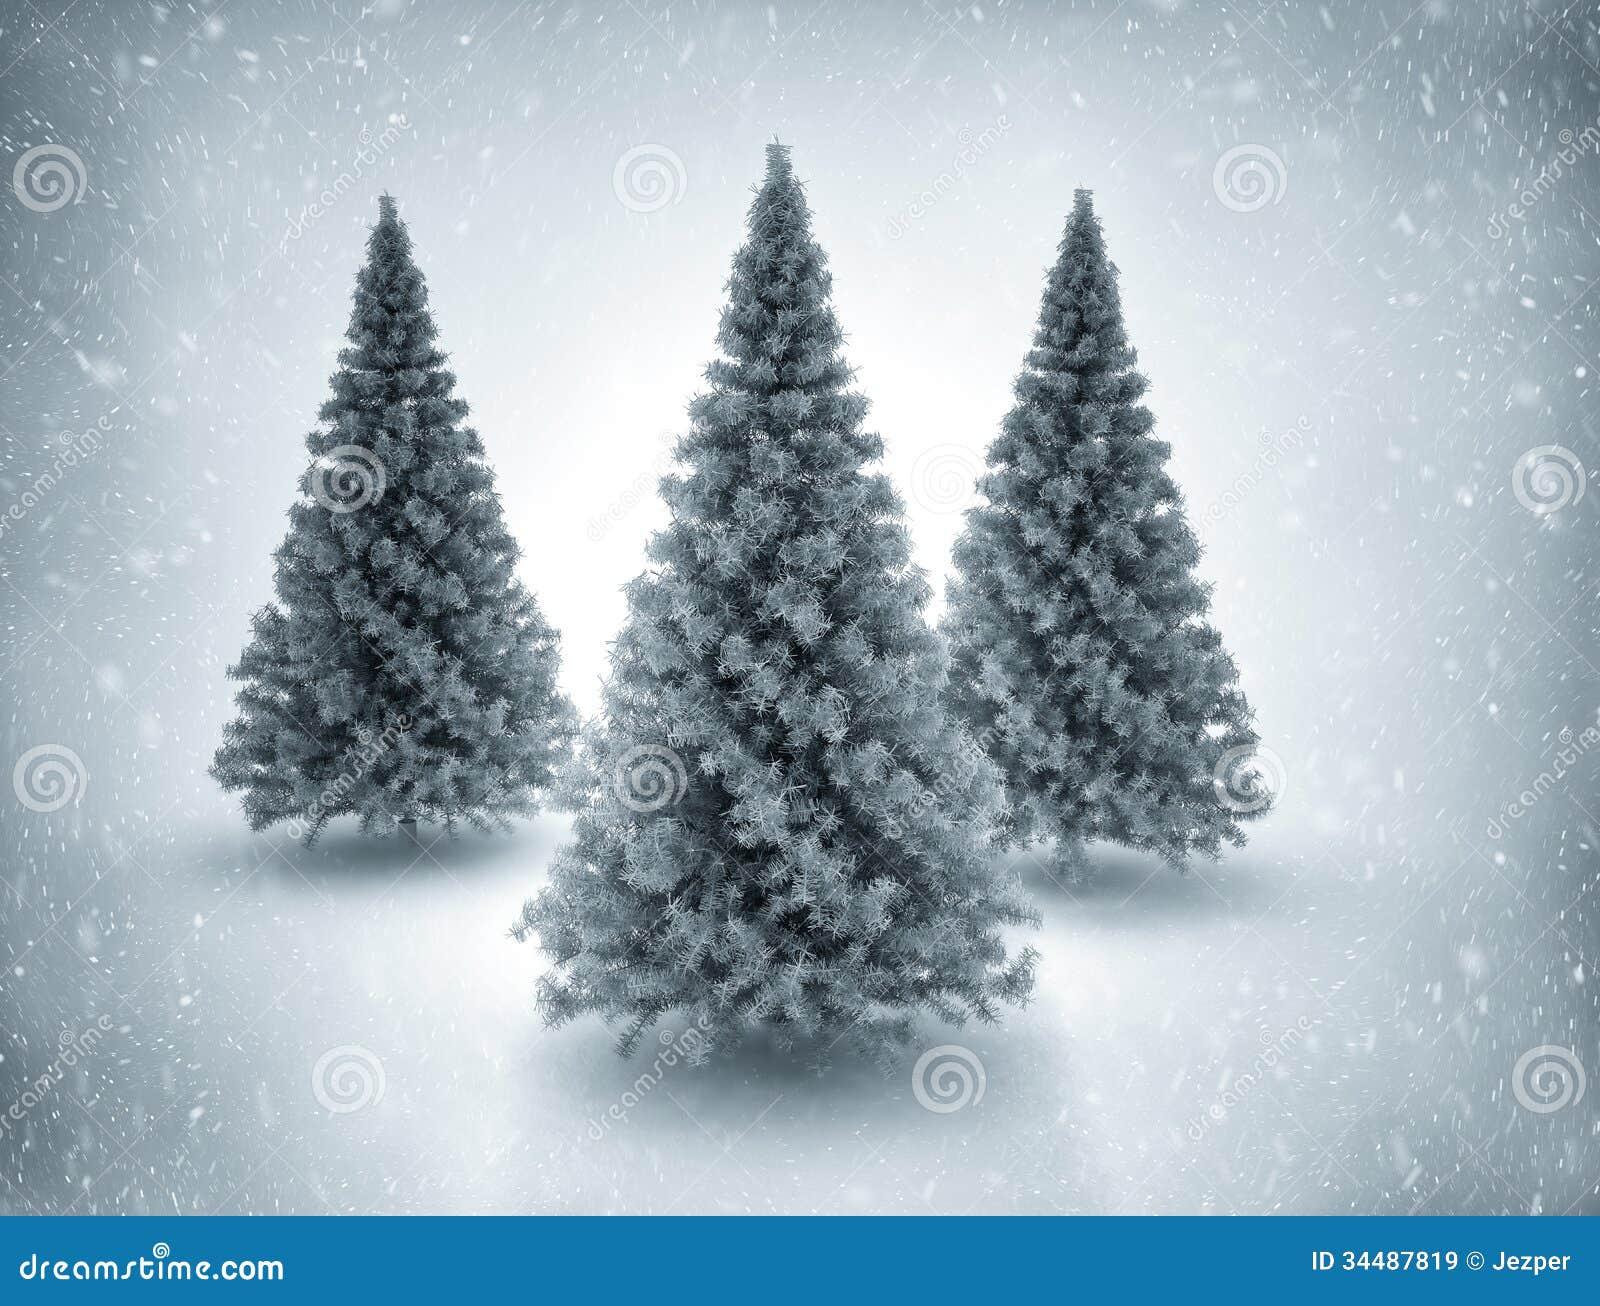 Rboles de navidad y nieve - Arbol navidad nieve ...